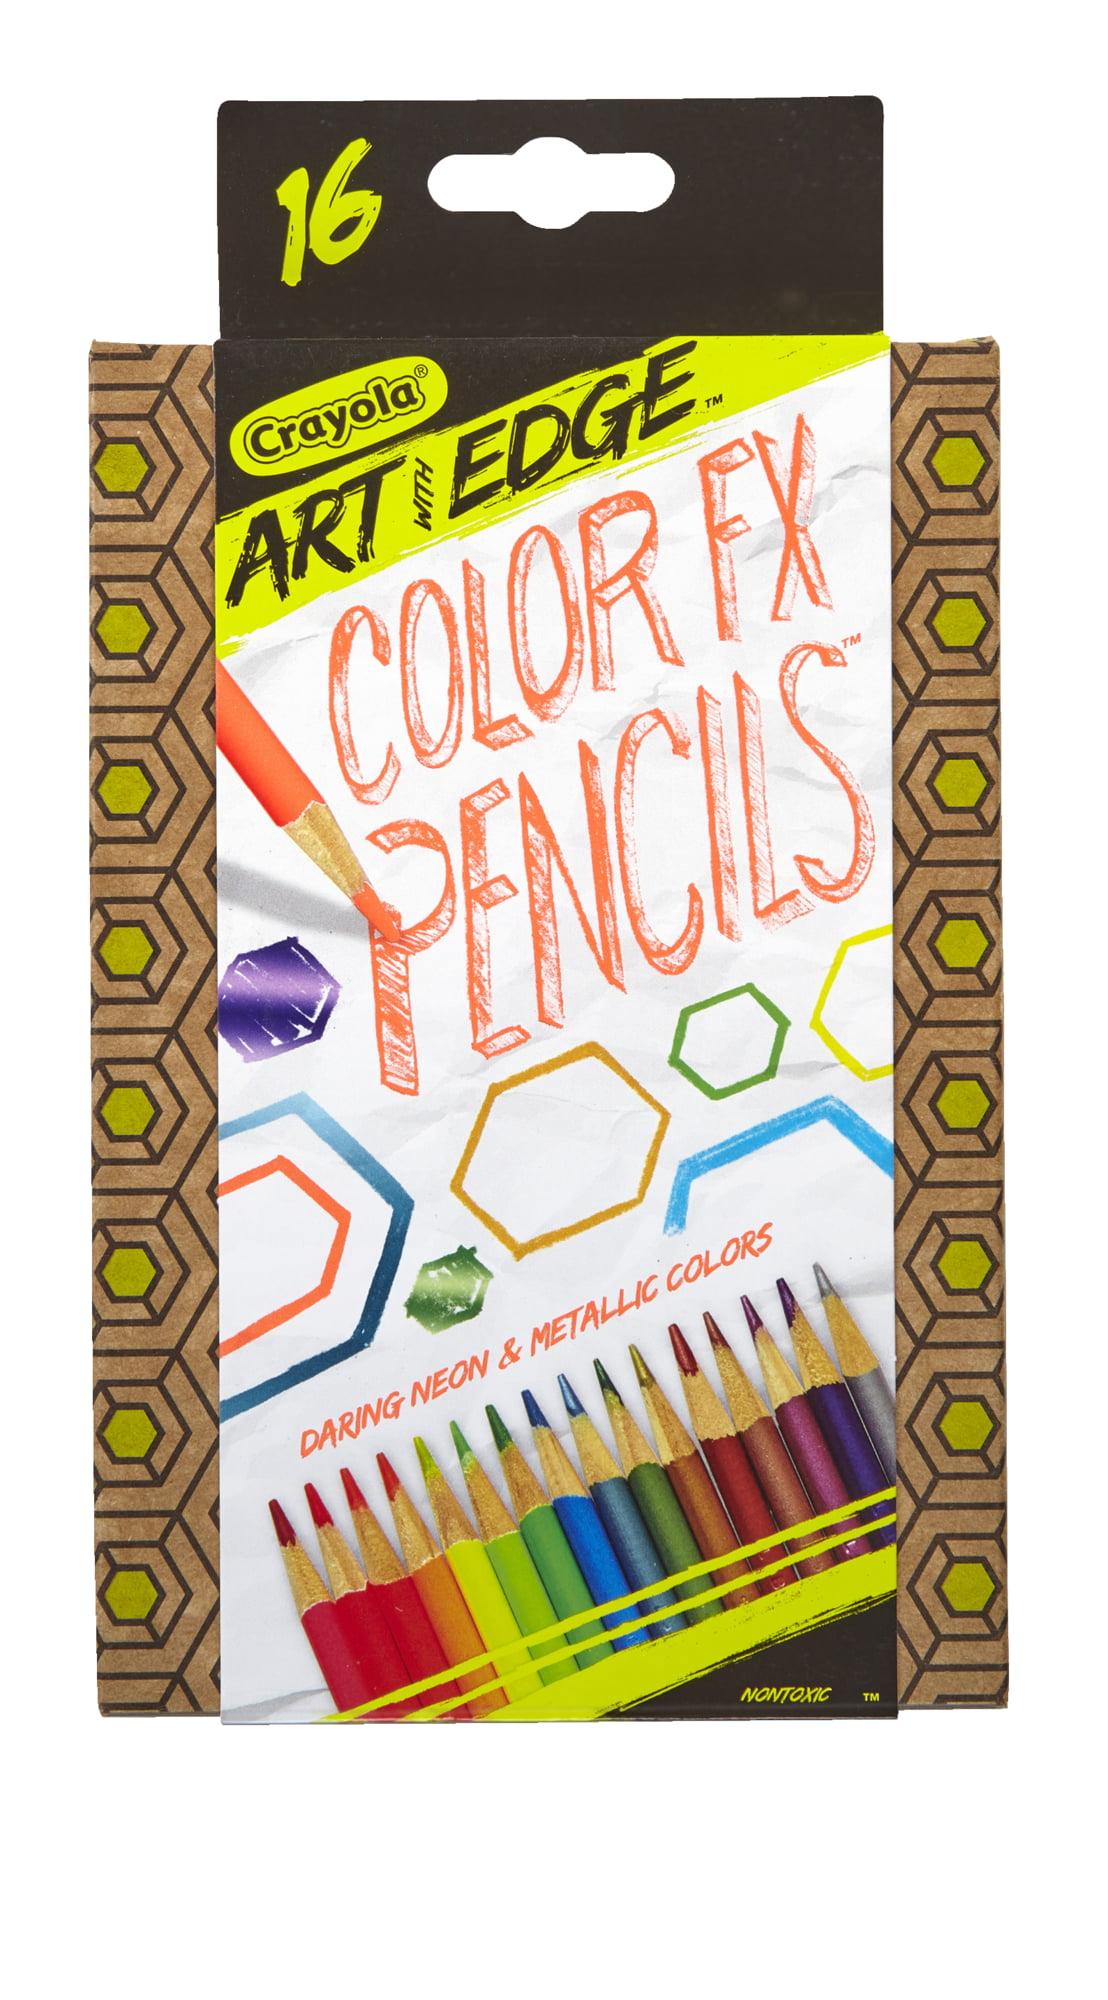 Crayola Art with Edge 16 Count Color Twistable FX Pencils by Crayola LLC